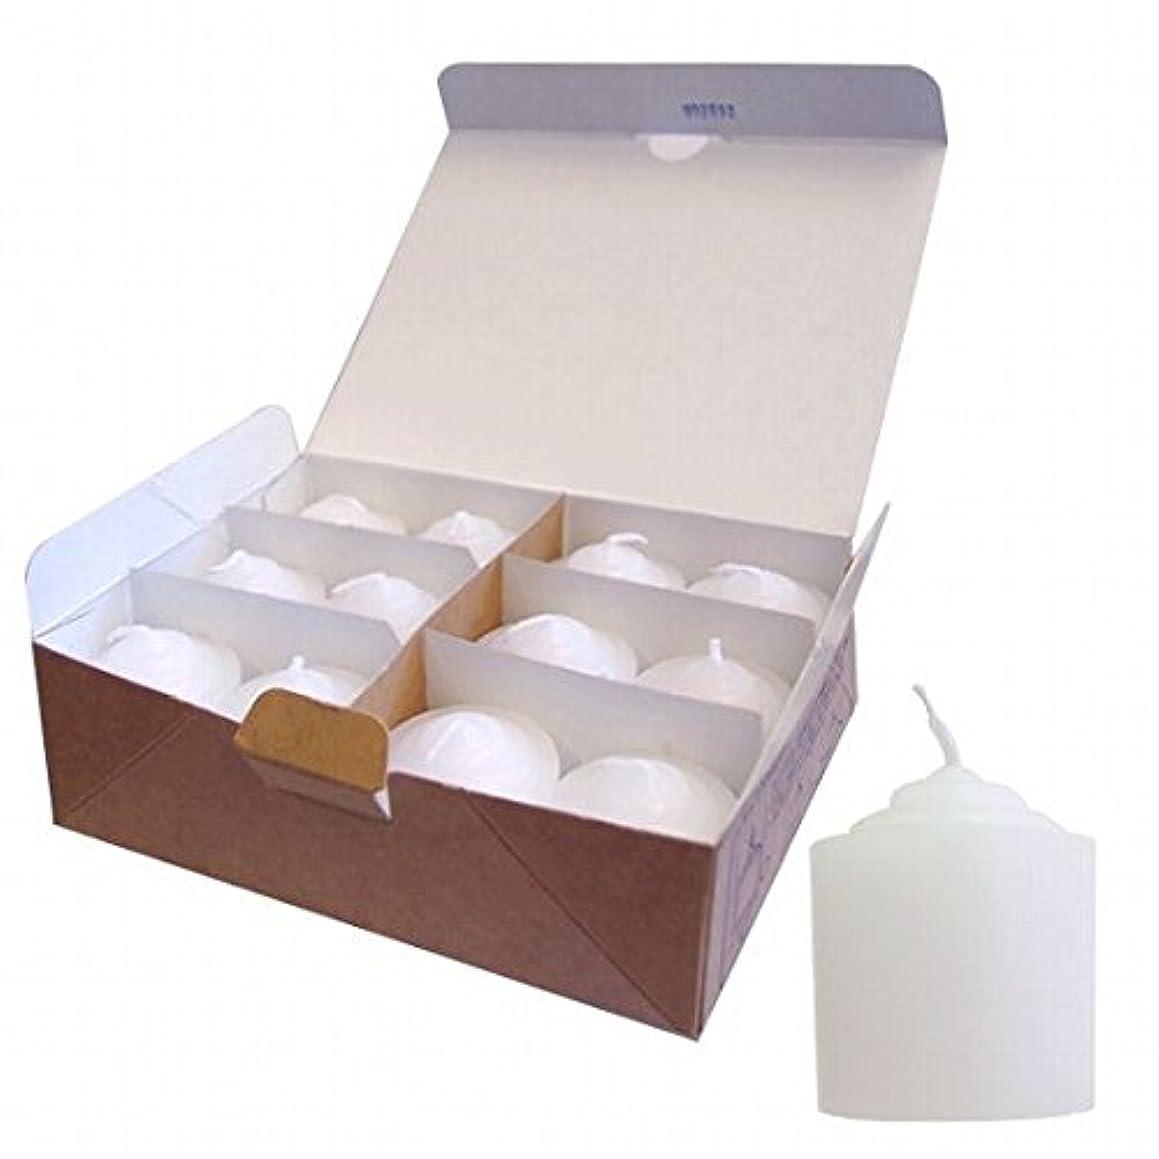 壮大なあえて谷カメヤマキャンドル( kameyama candle ) 8Hライト(8時間タイプ)12個入り